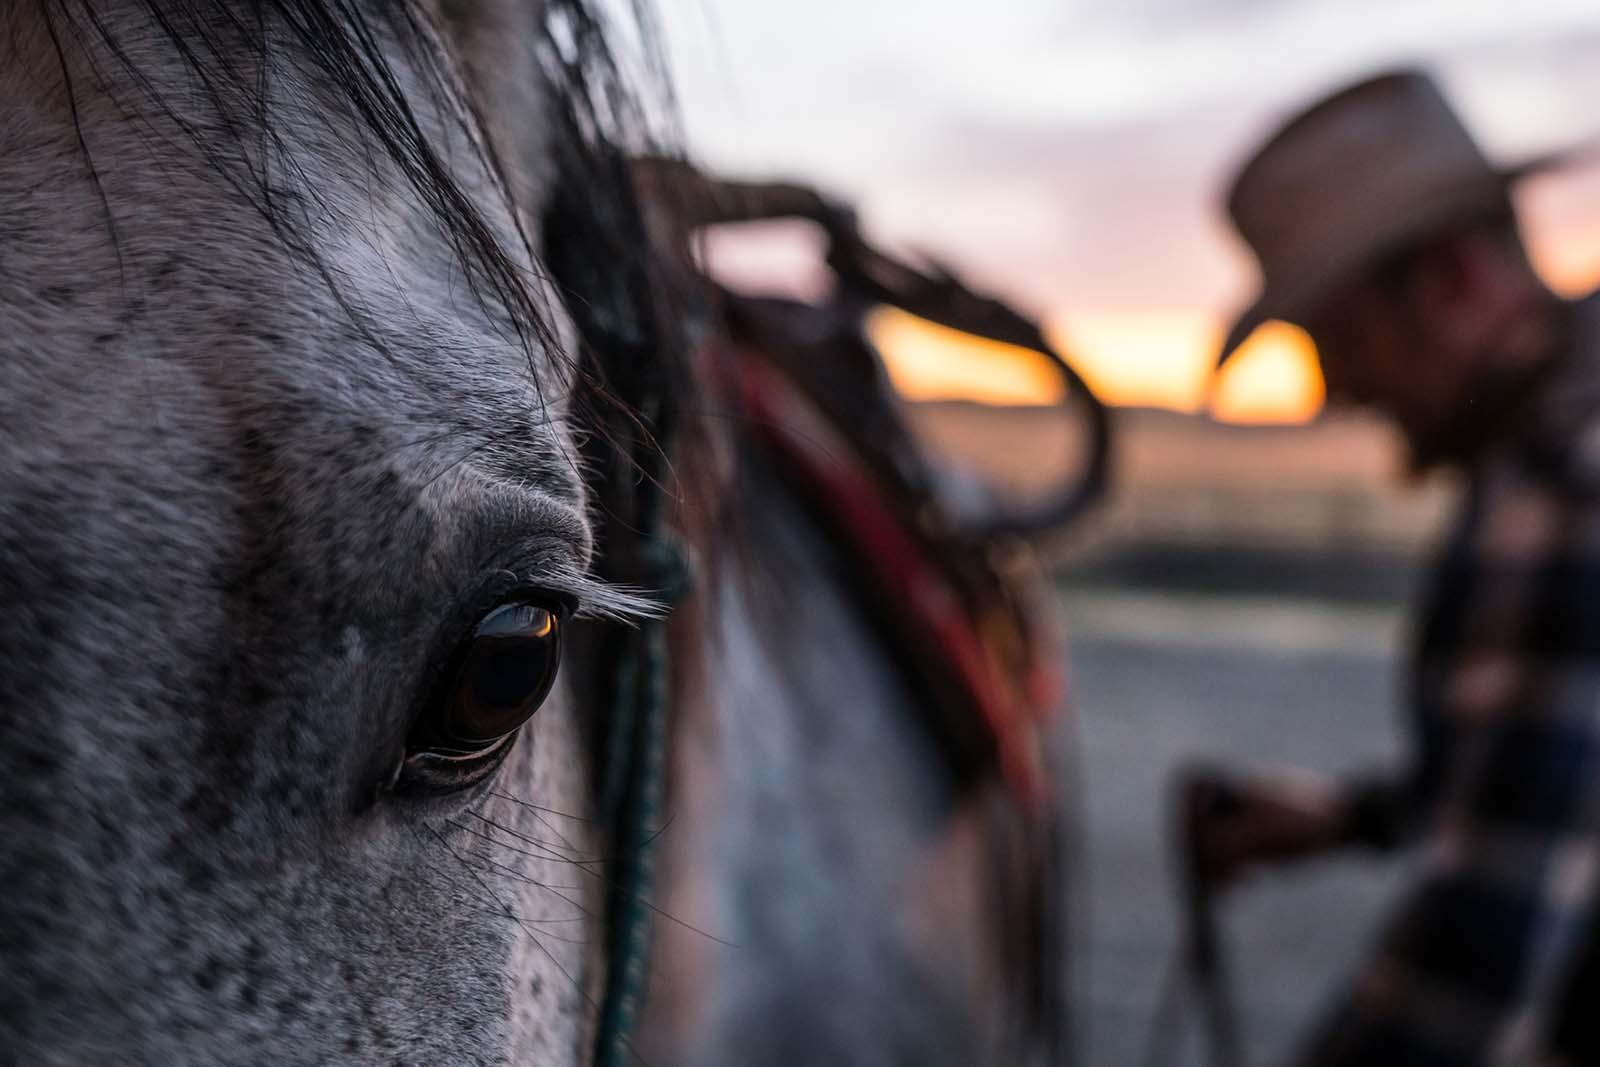 Cowboy saddling horse. Adobe Stock image.